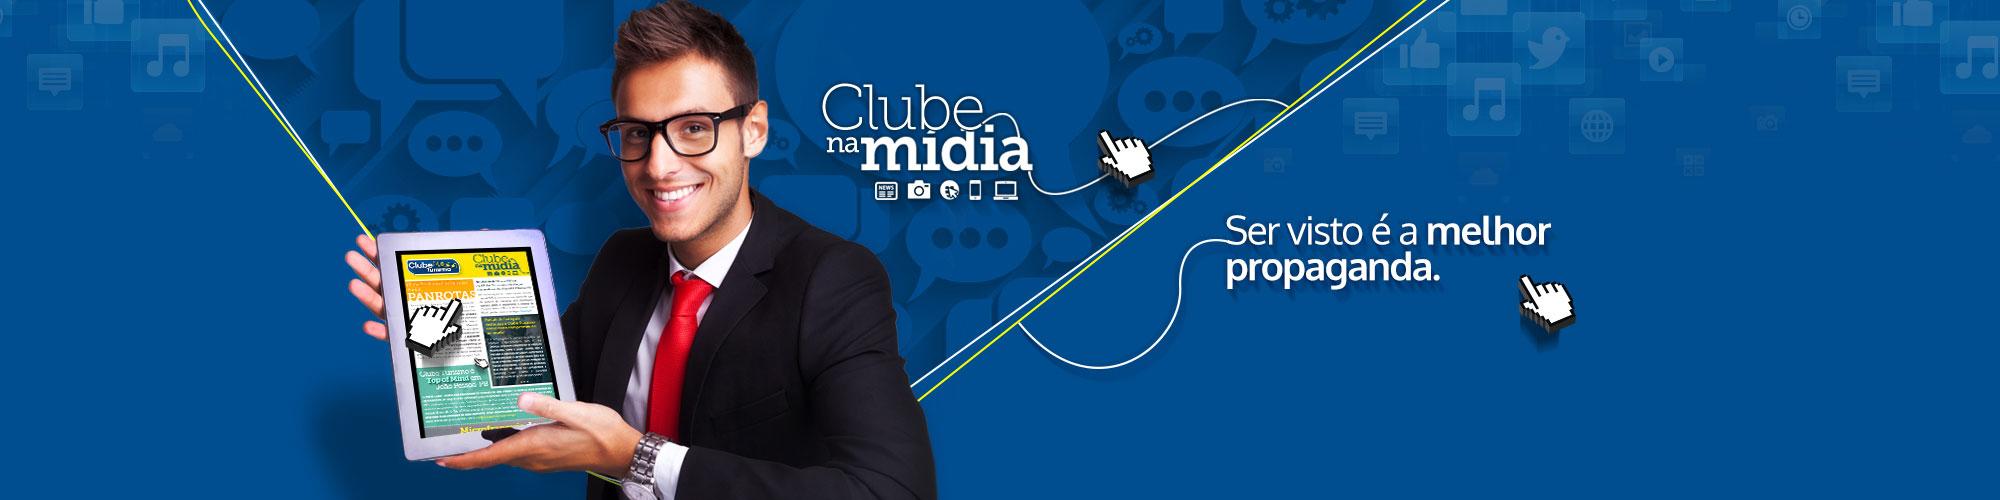 Clube na Midia